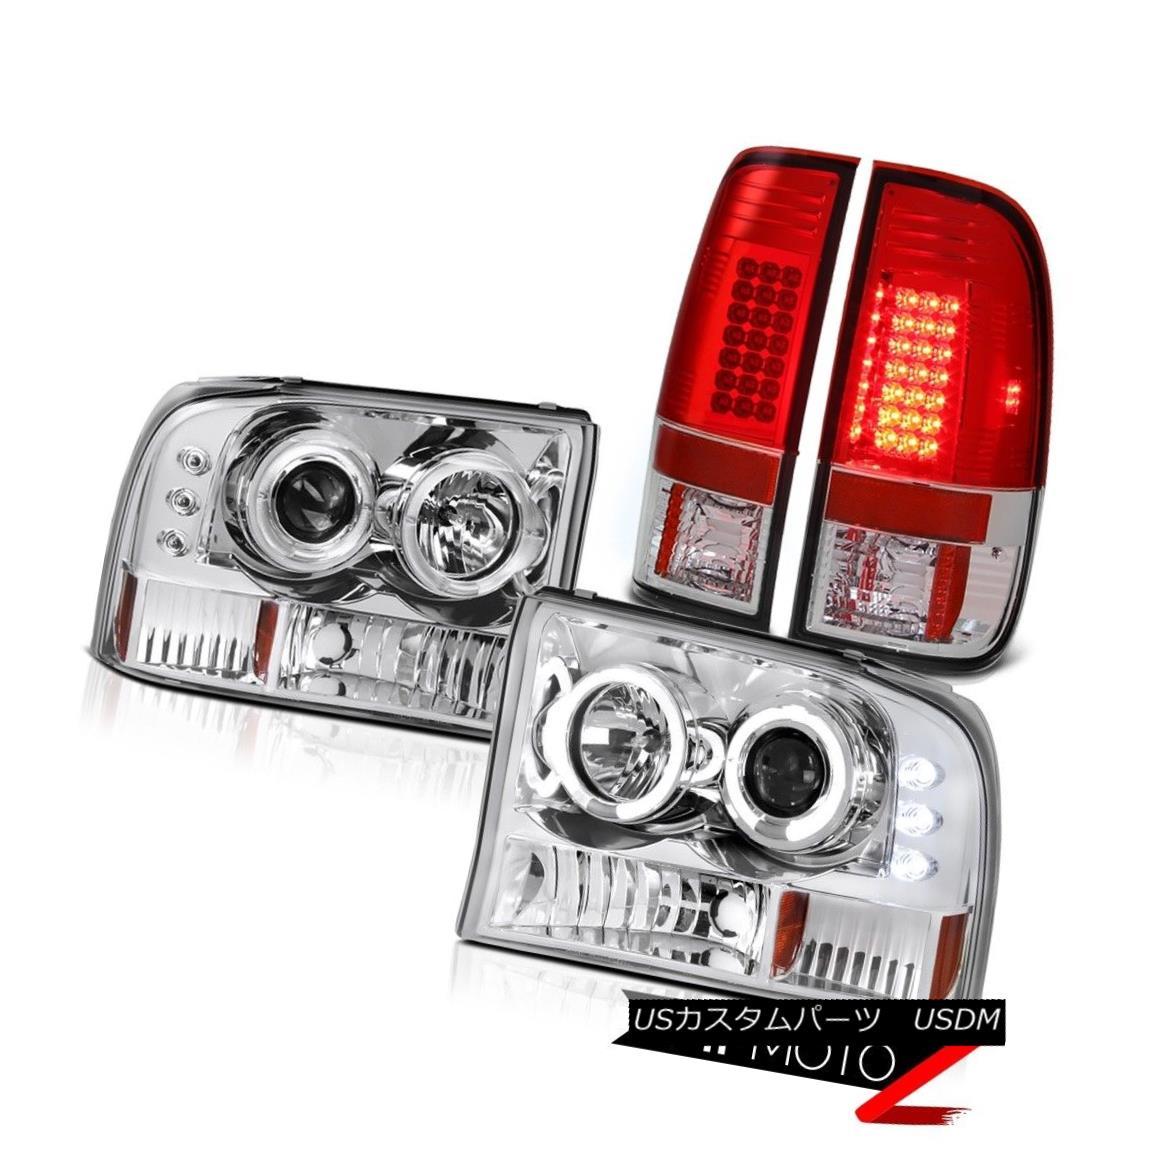 ヘッドライト HaLo Projector Crystal Headlight+Red/Clear LED Tail Light Ford 99-2004 F250/F350 HaLoプロジェクタークリスタルヘッドライト+レッド/  Clear LEDテールライトFord 99-2004 F250 / F350